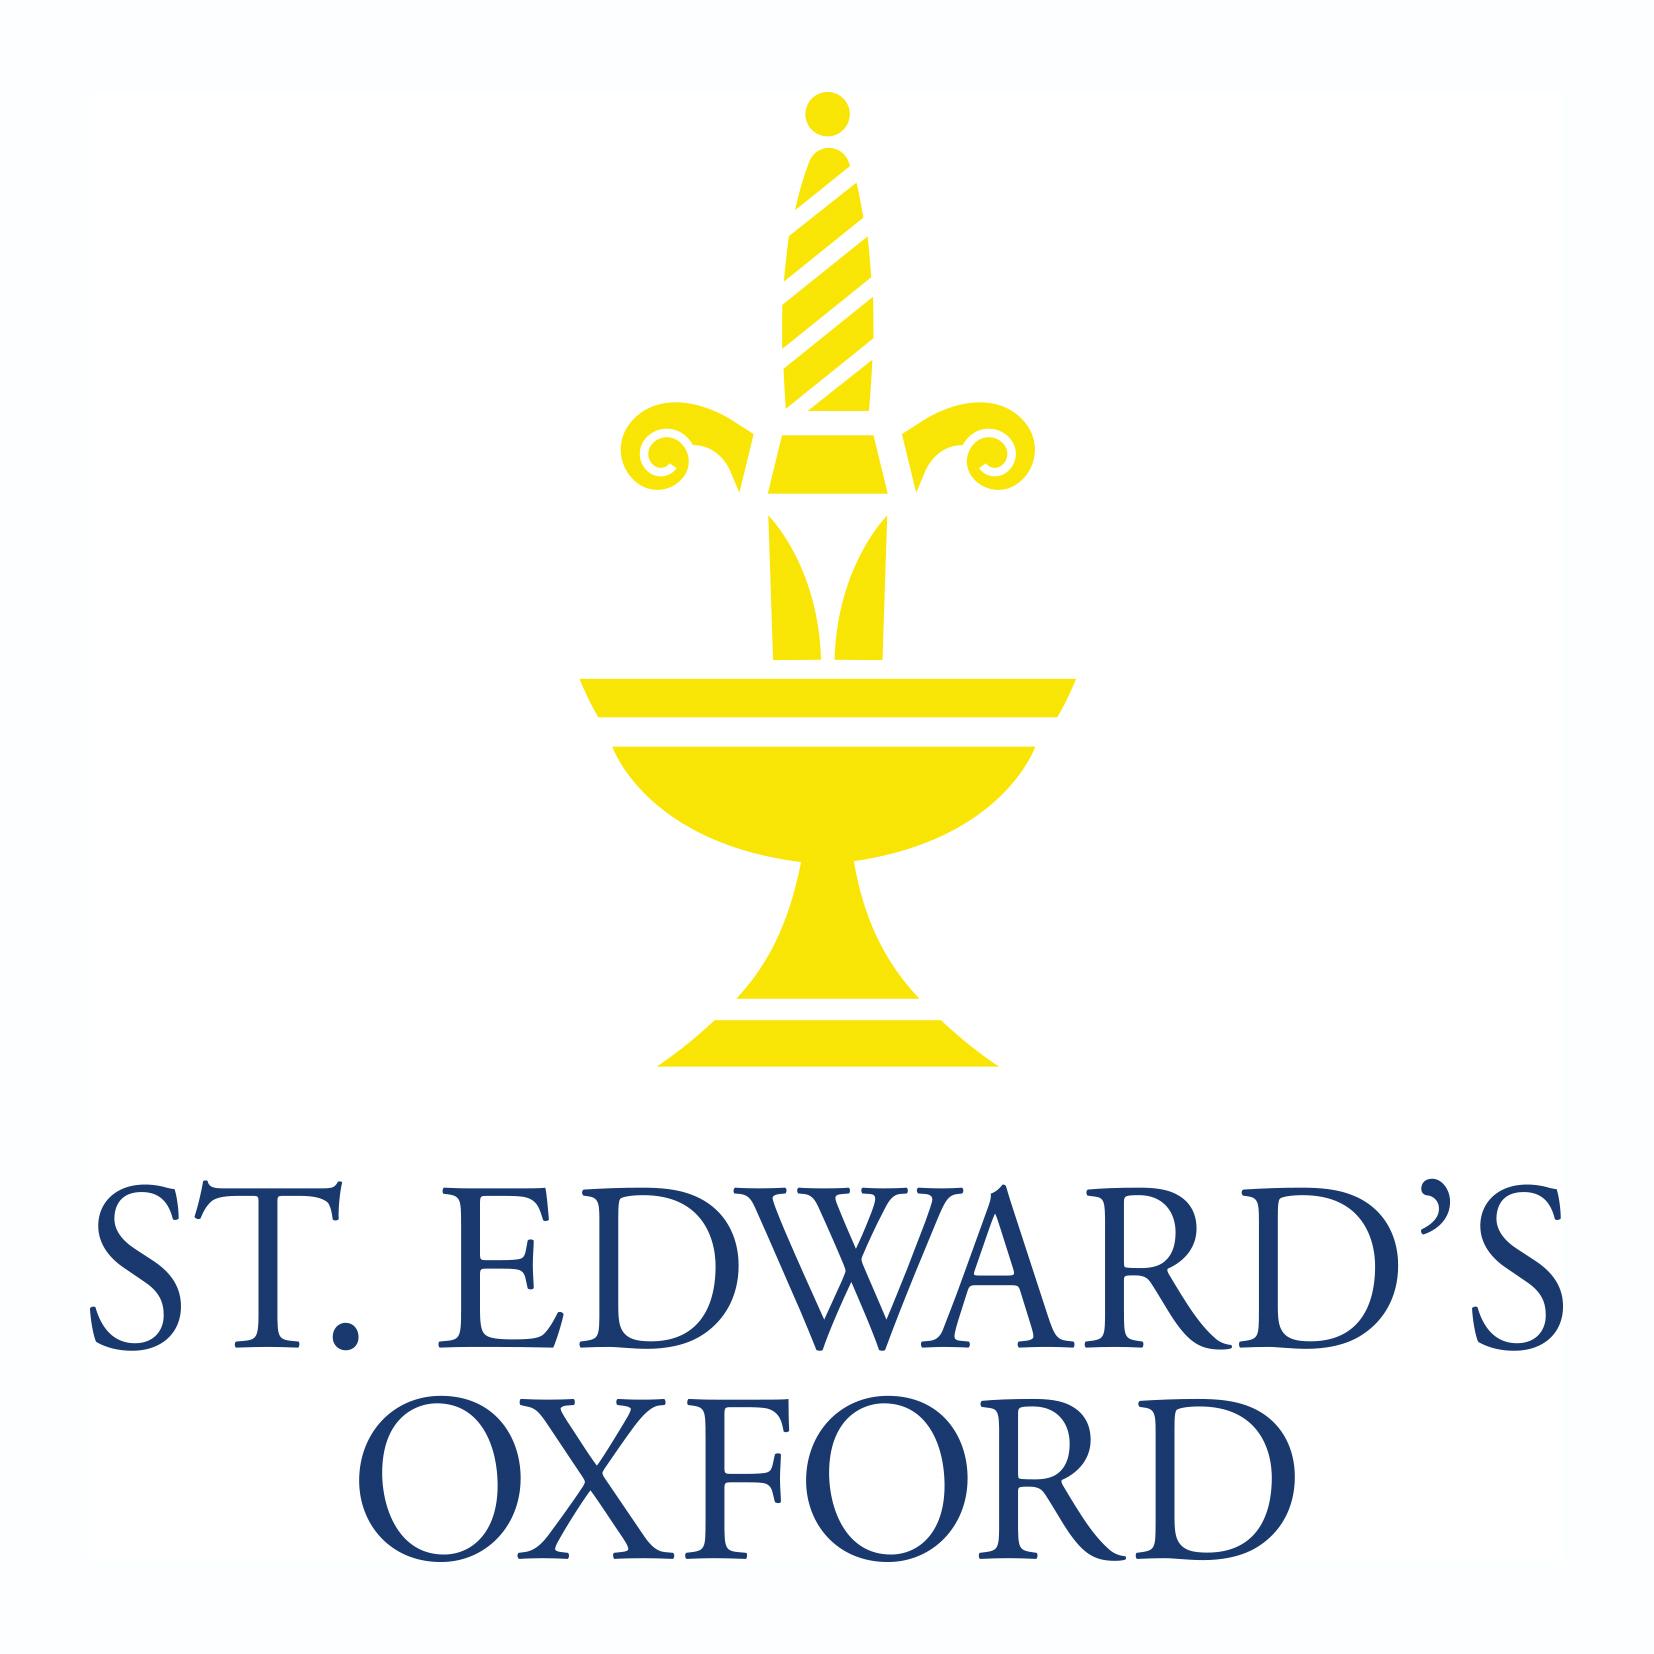 St-Eds-centered-logo-yellow_centered-1.jpg